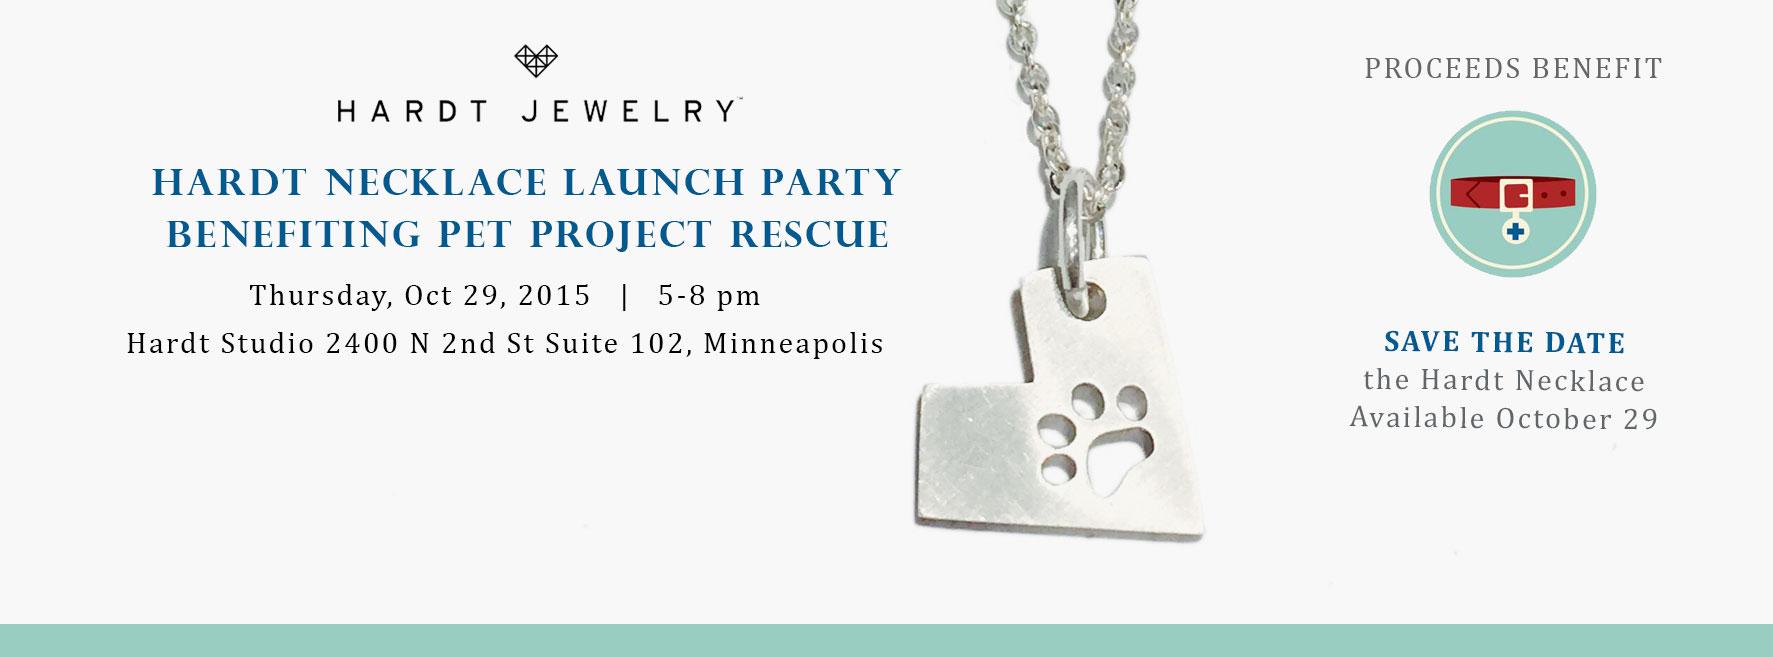 Hardt Prints Necklace Launch Party, Pet Project Rescue